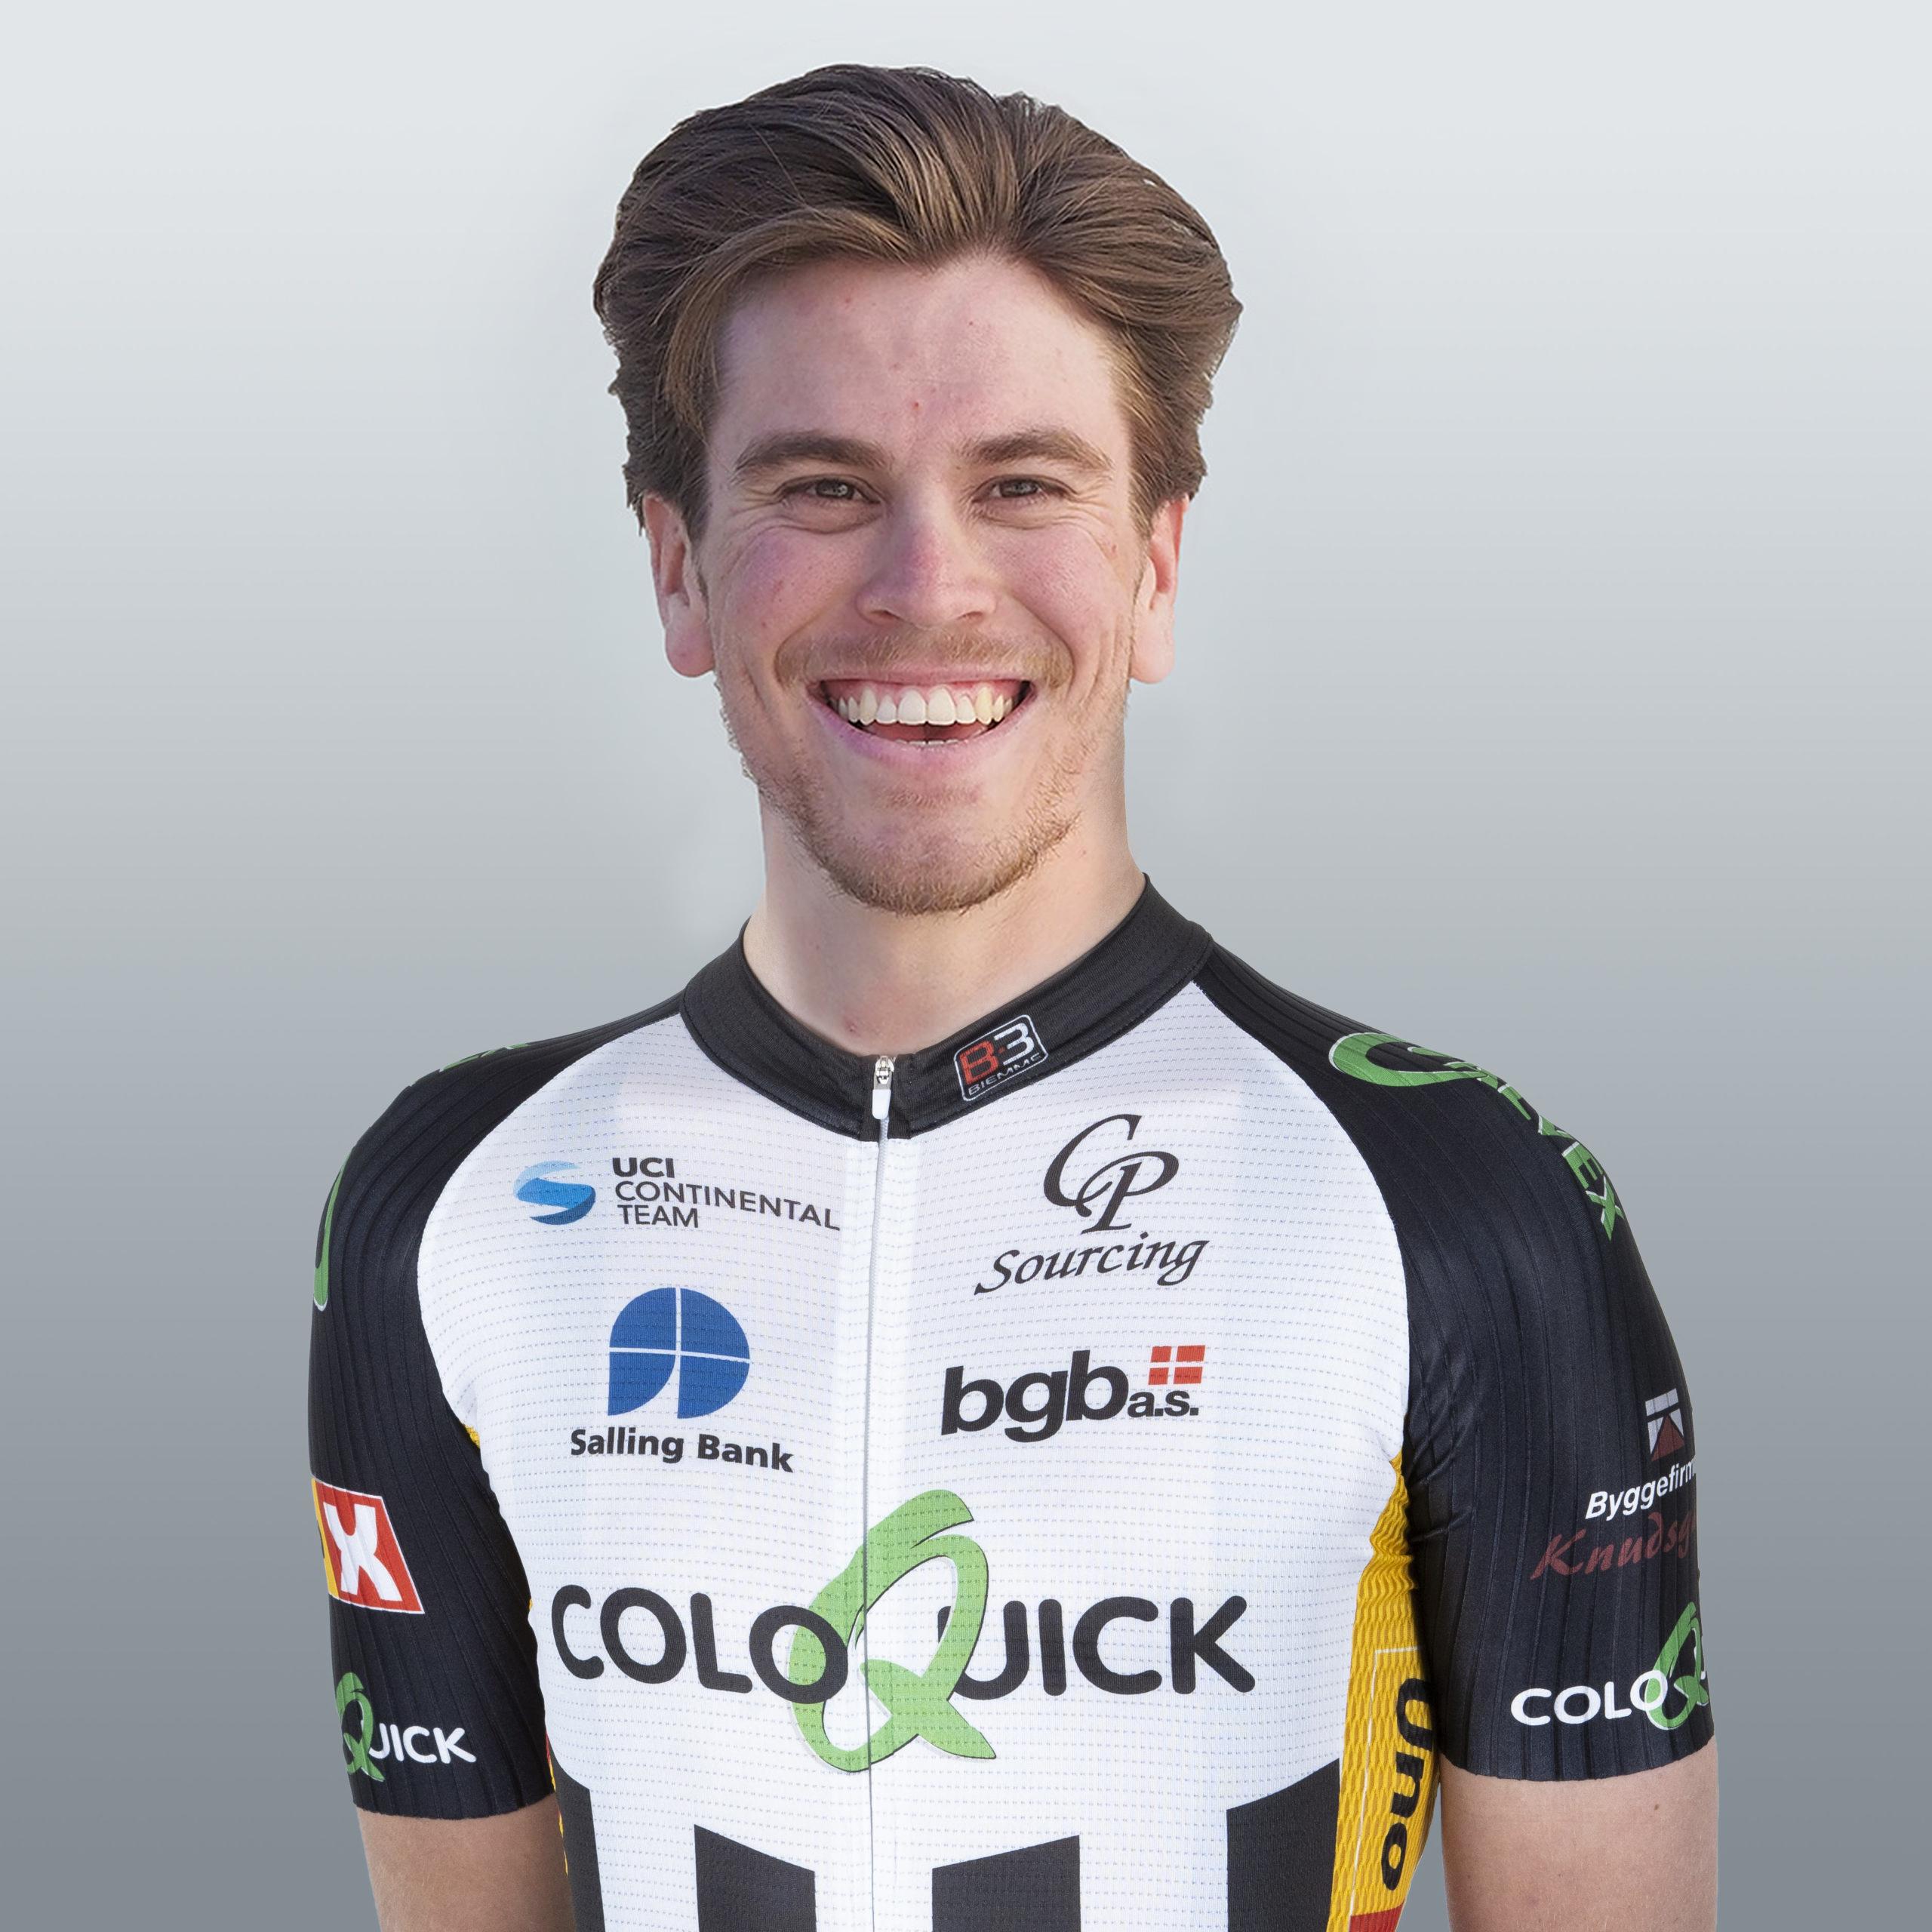 Norsk cykelrytter til dansk cykelteam